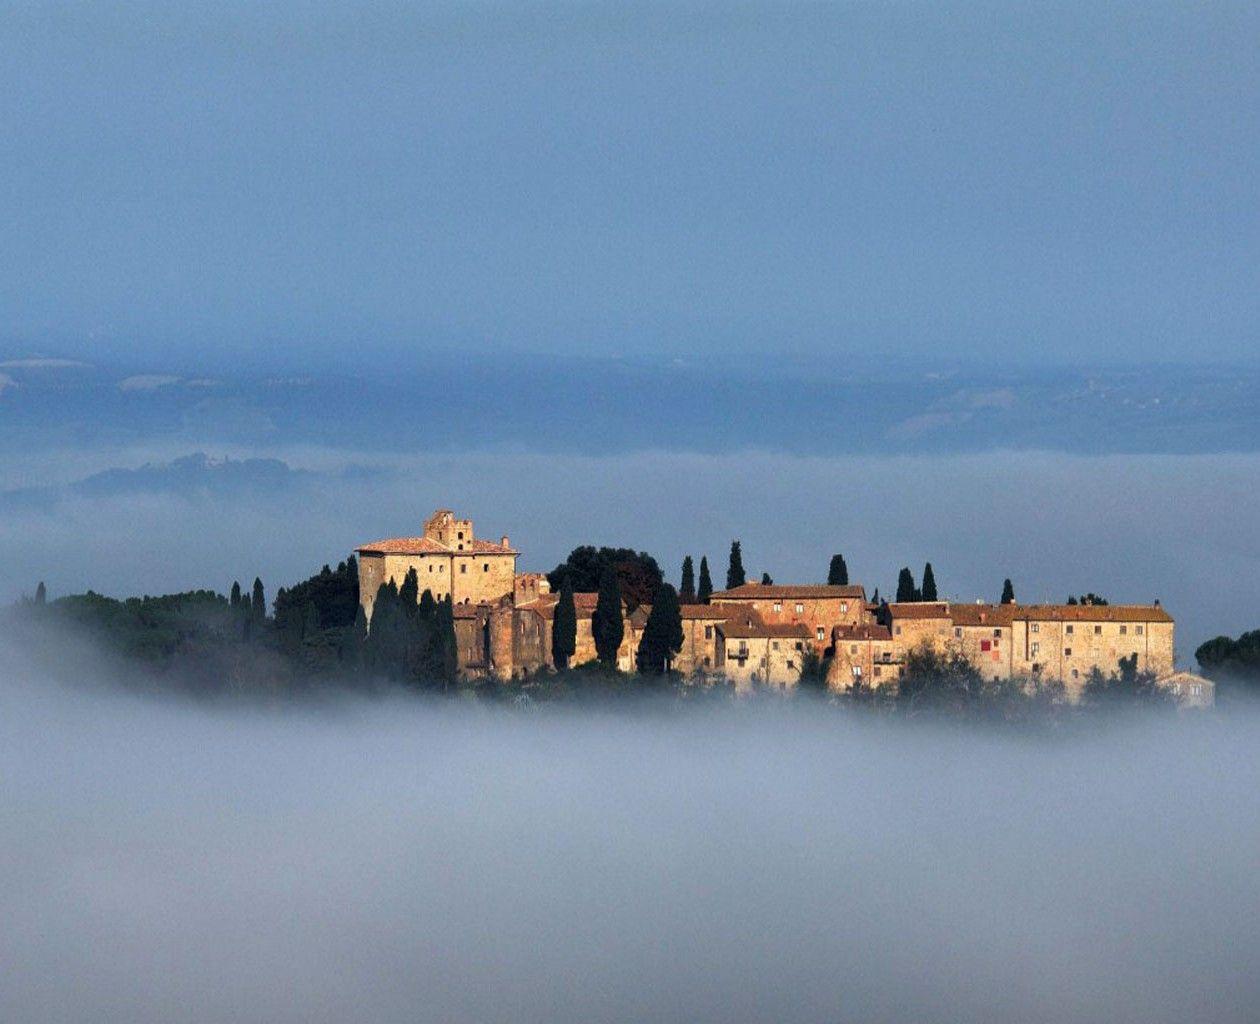 Castel Porrona Relais - Jetsetter